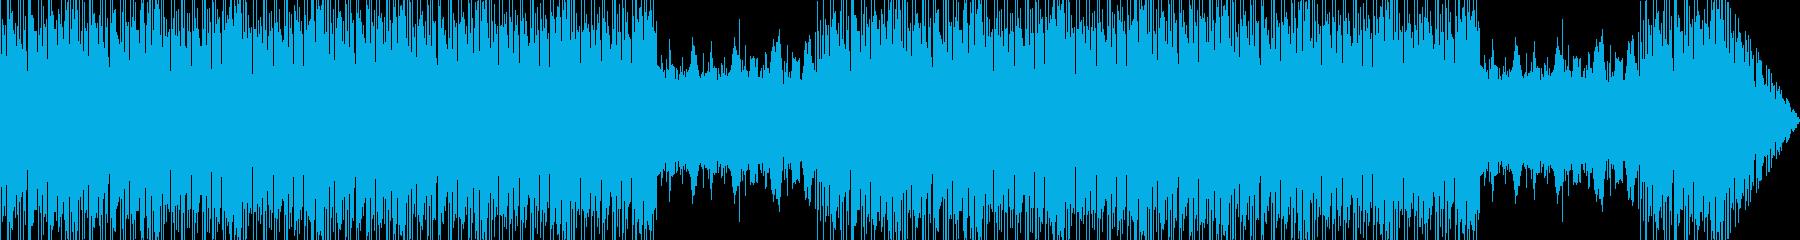 イベント用に使える王道でカッコイイBGMの再生済みの波形